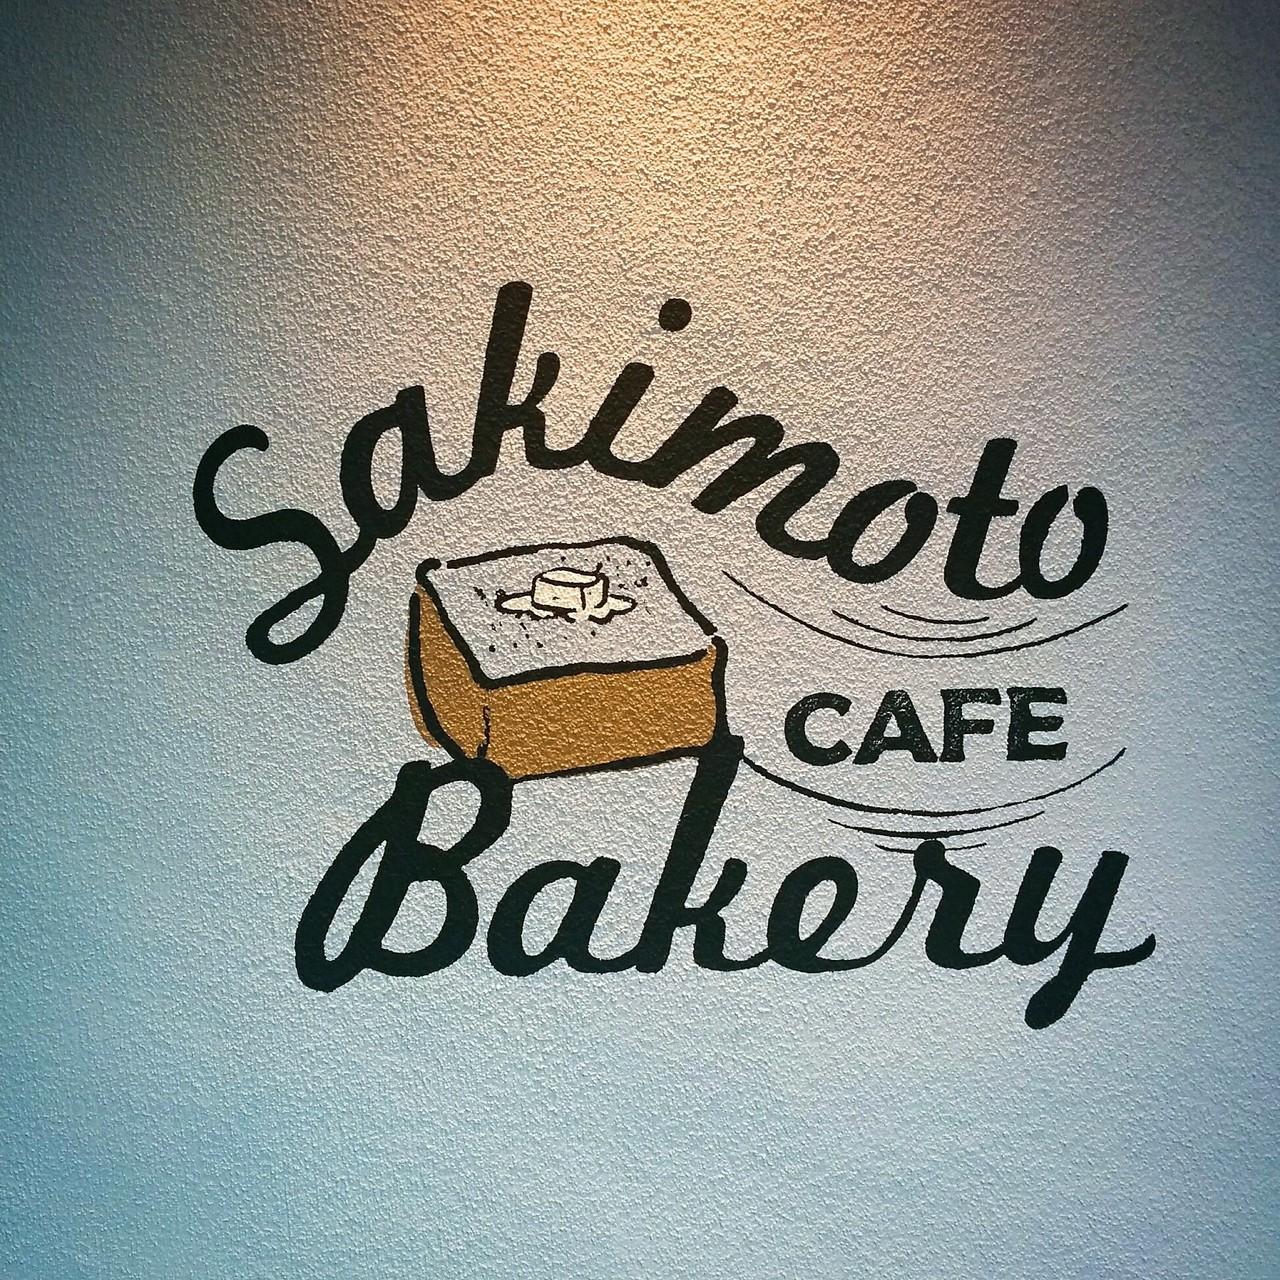 昨日、さや姉(山本彩)のZeppツアーライブに参戦してきたワイですおはようございます。手を振りまくってたのになぜかふくらはぎが筋肉痛です(*゚∀゚)?...難波には15時前に着いたので、会場をちら見したあと、難波駅まで戻って、前々から行ってみたかった『SAKIMOTO BAKERY CAFE』に遅めの昼ごはんを食べに。